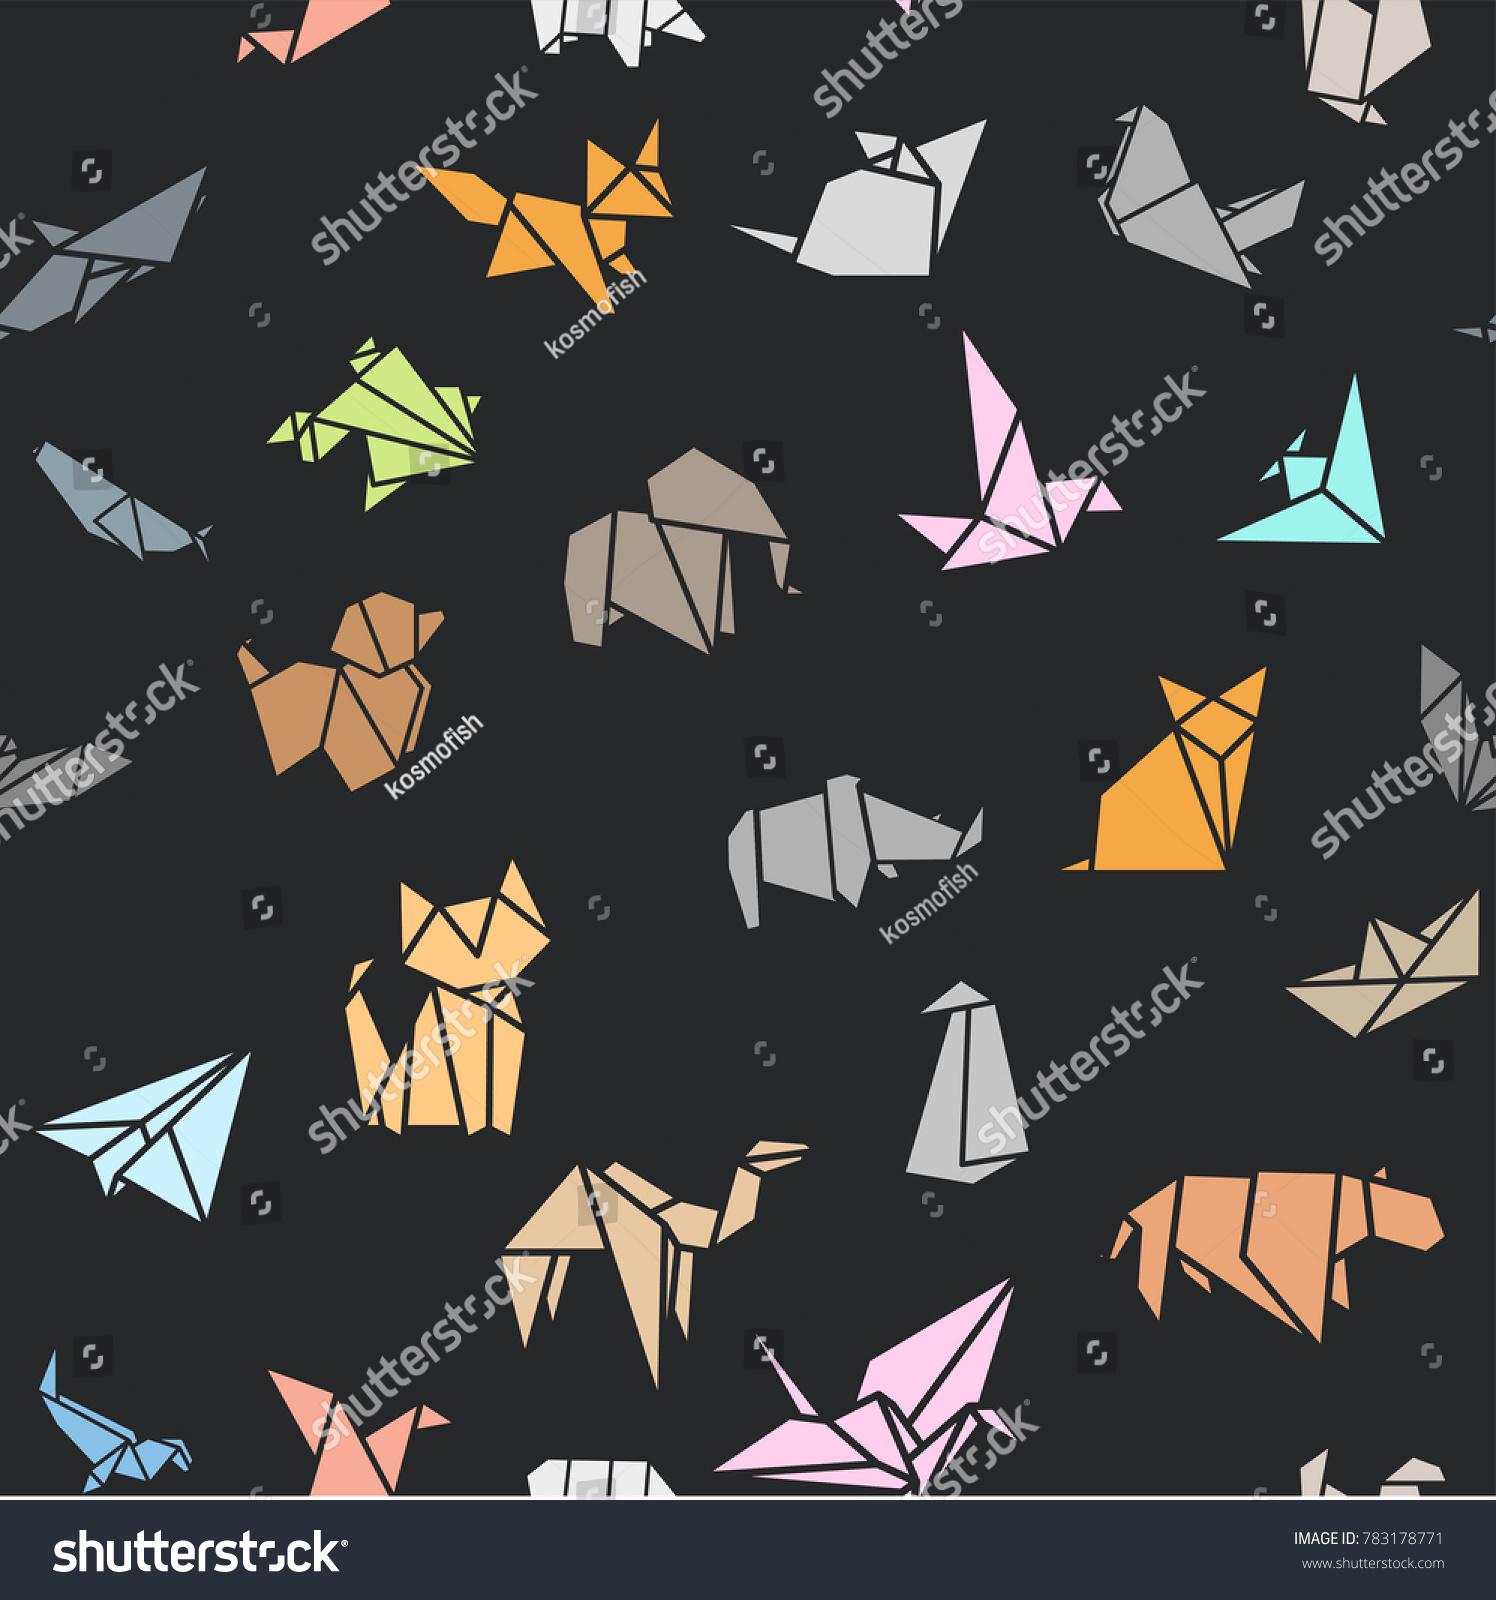 シームレスなパターンの壁紙の背景に折り紙の折り畳み 紙の動物の形